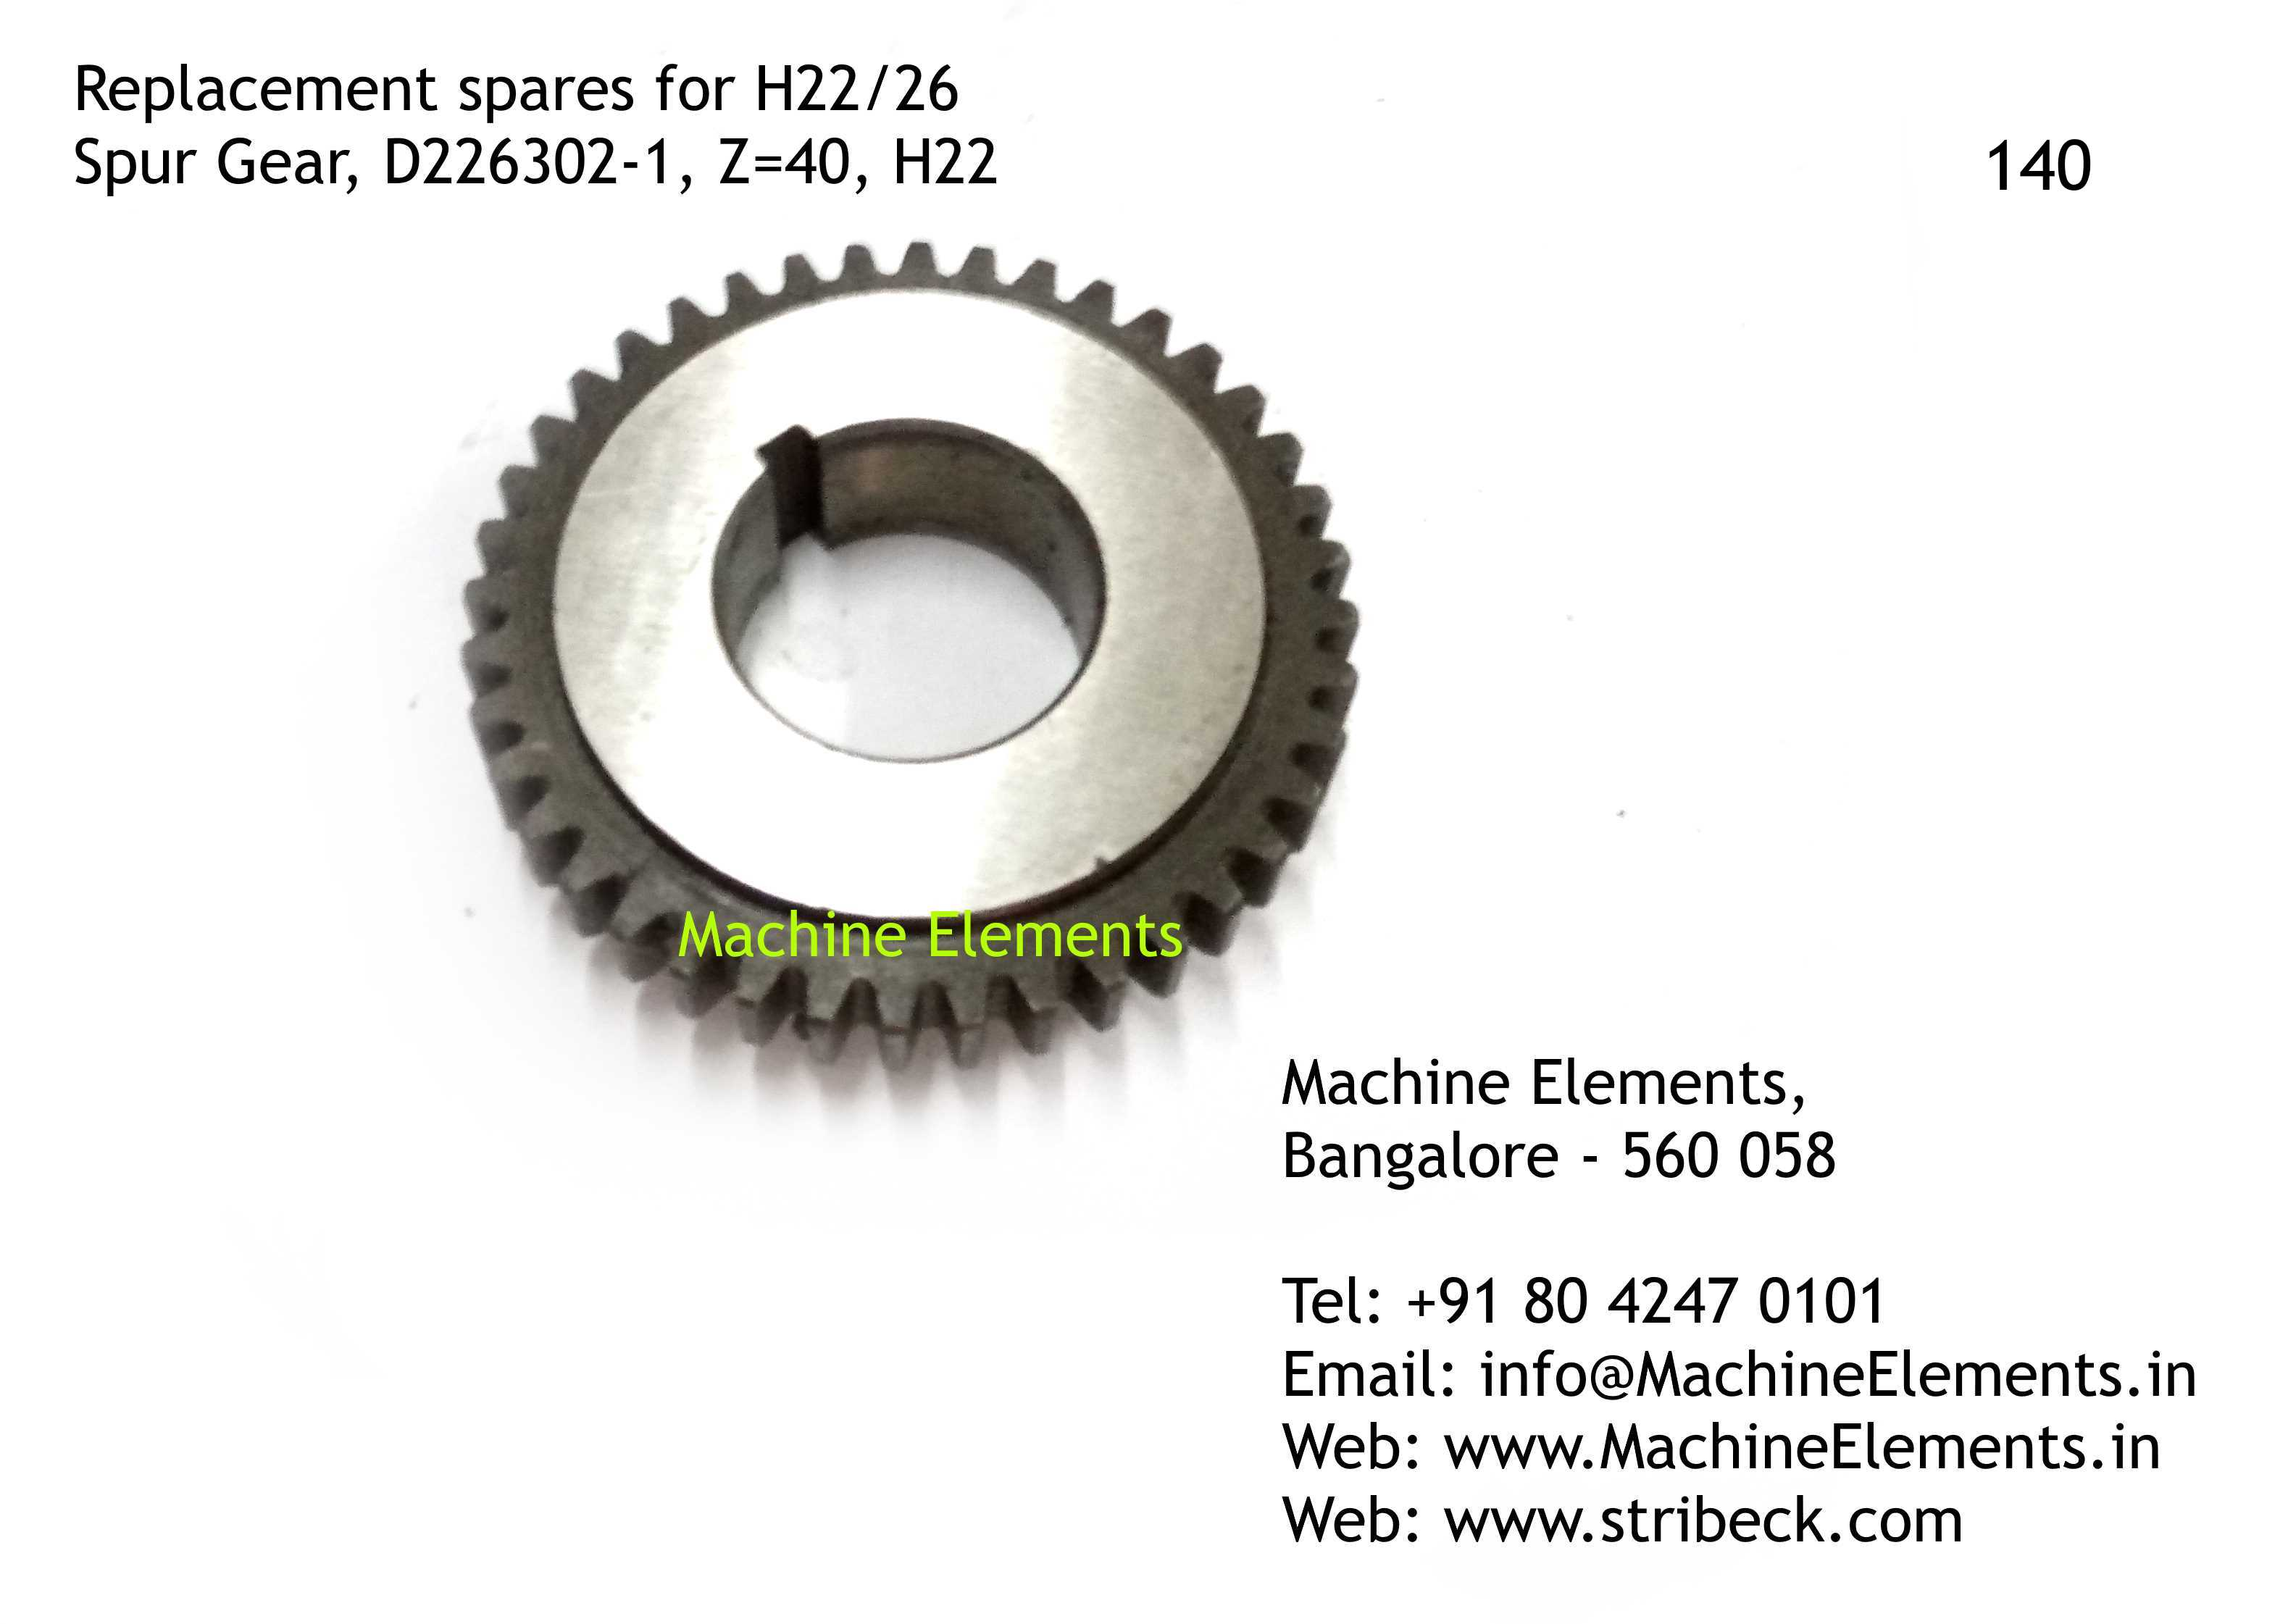 Spur Gear, D226302-1, Z=40